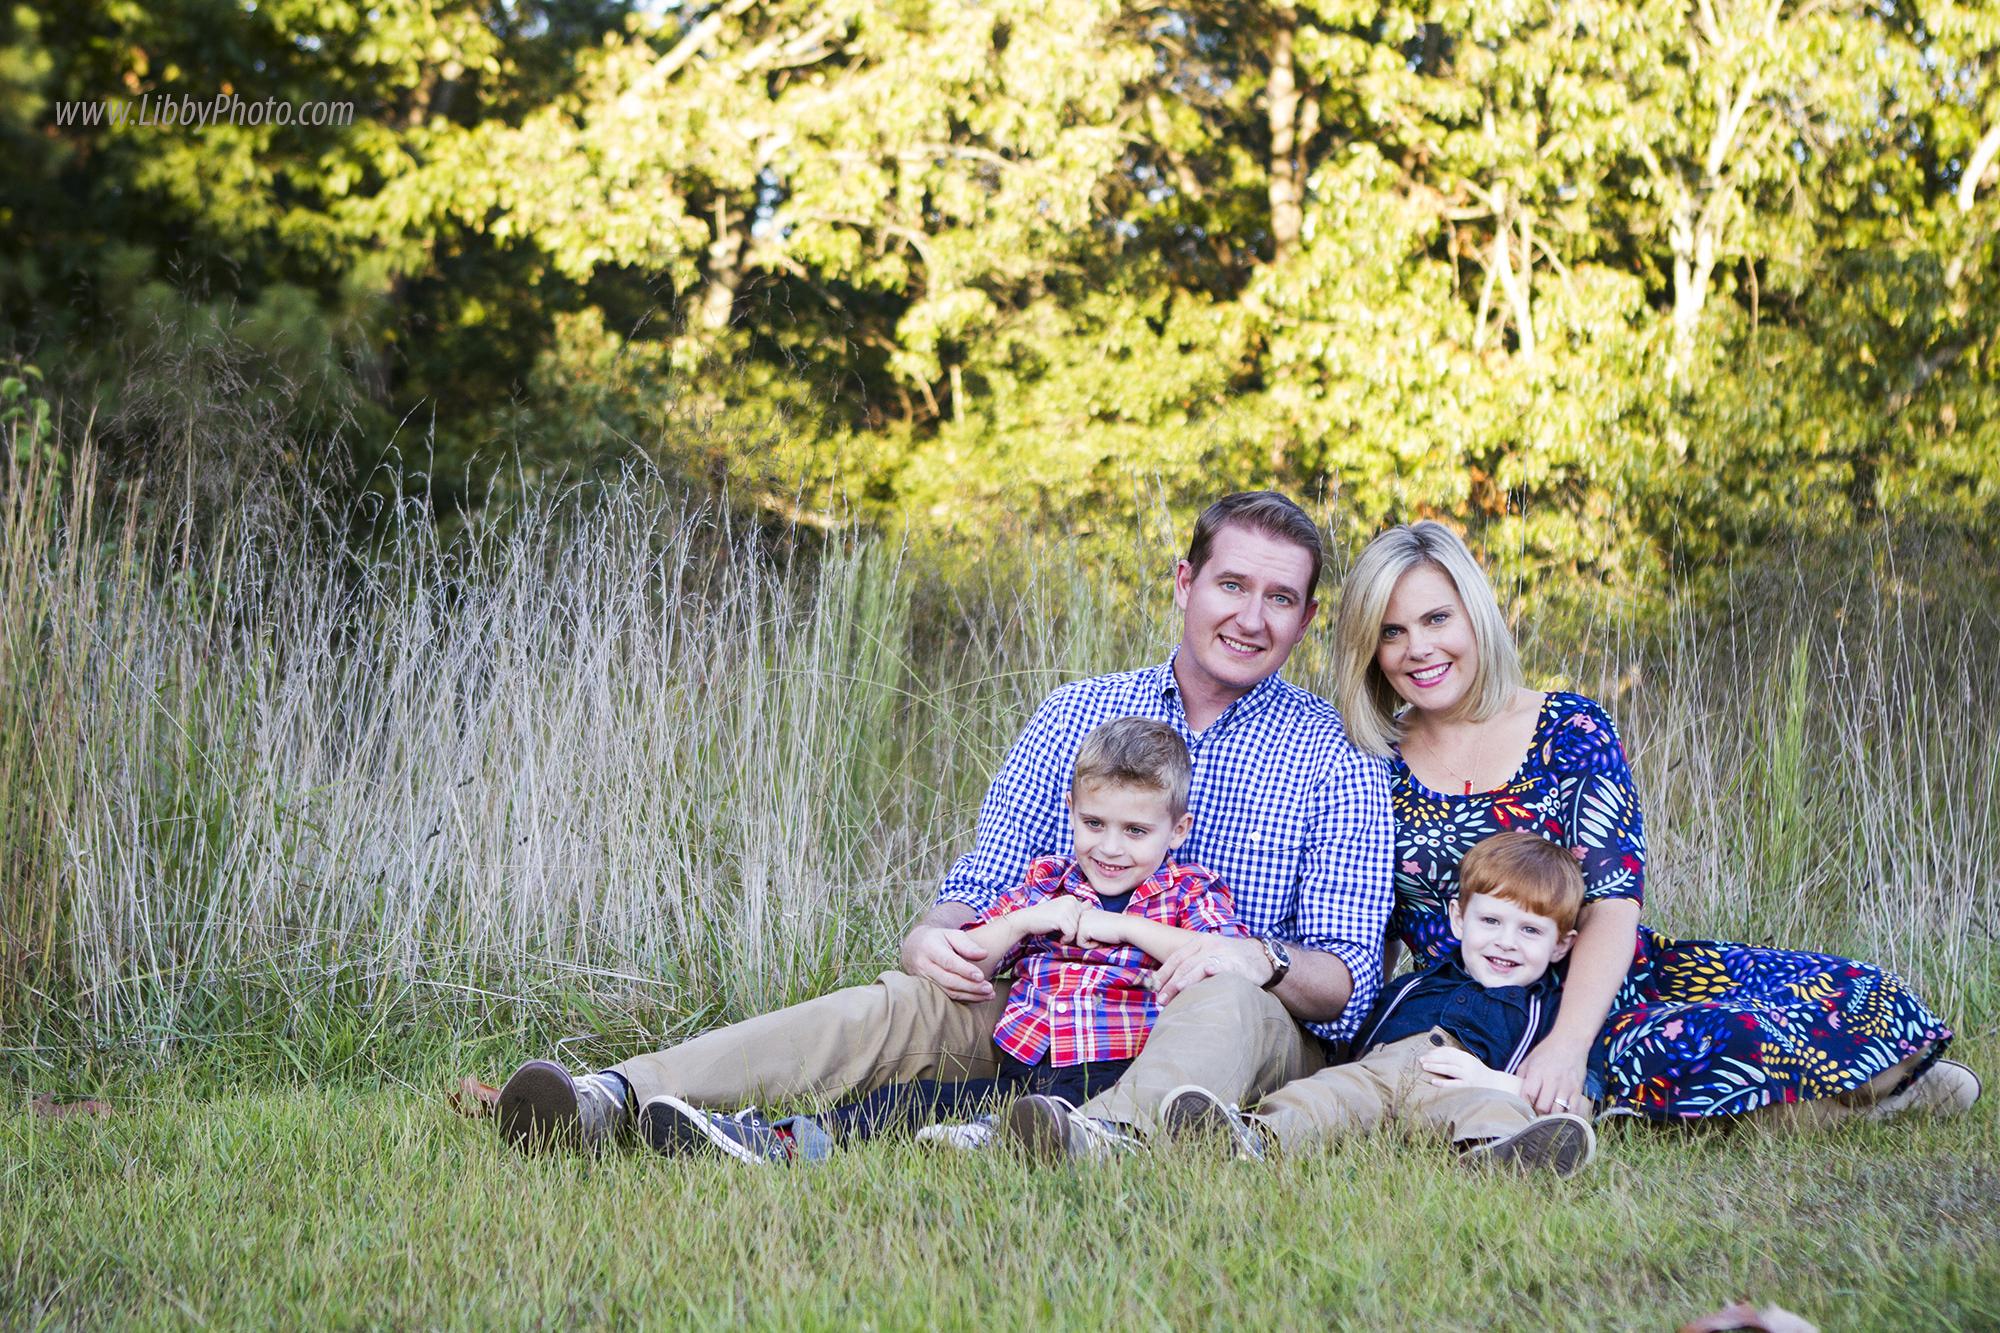 Atlanta family photography Libbyphoto (18).jpg